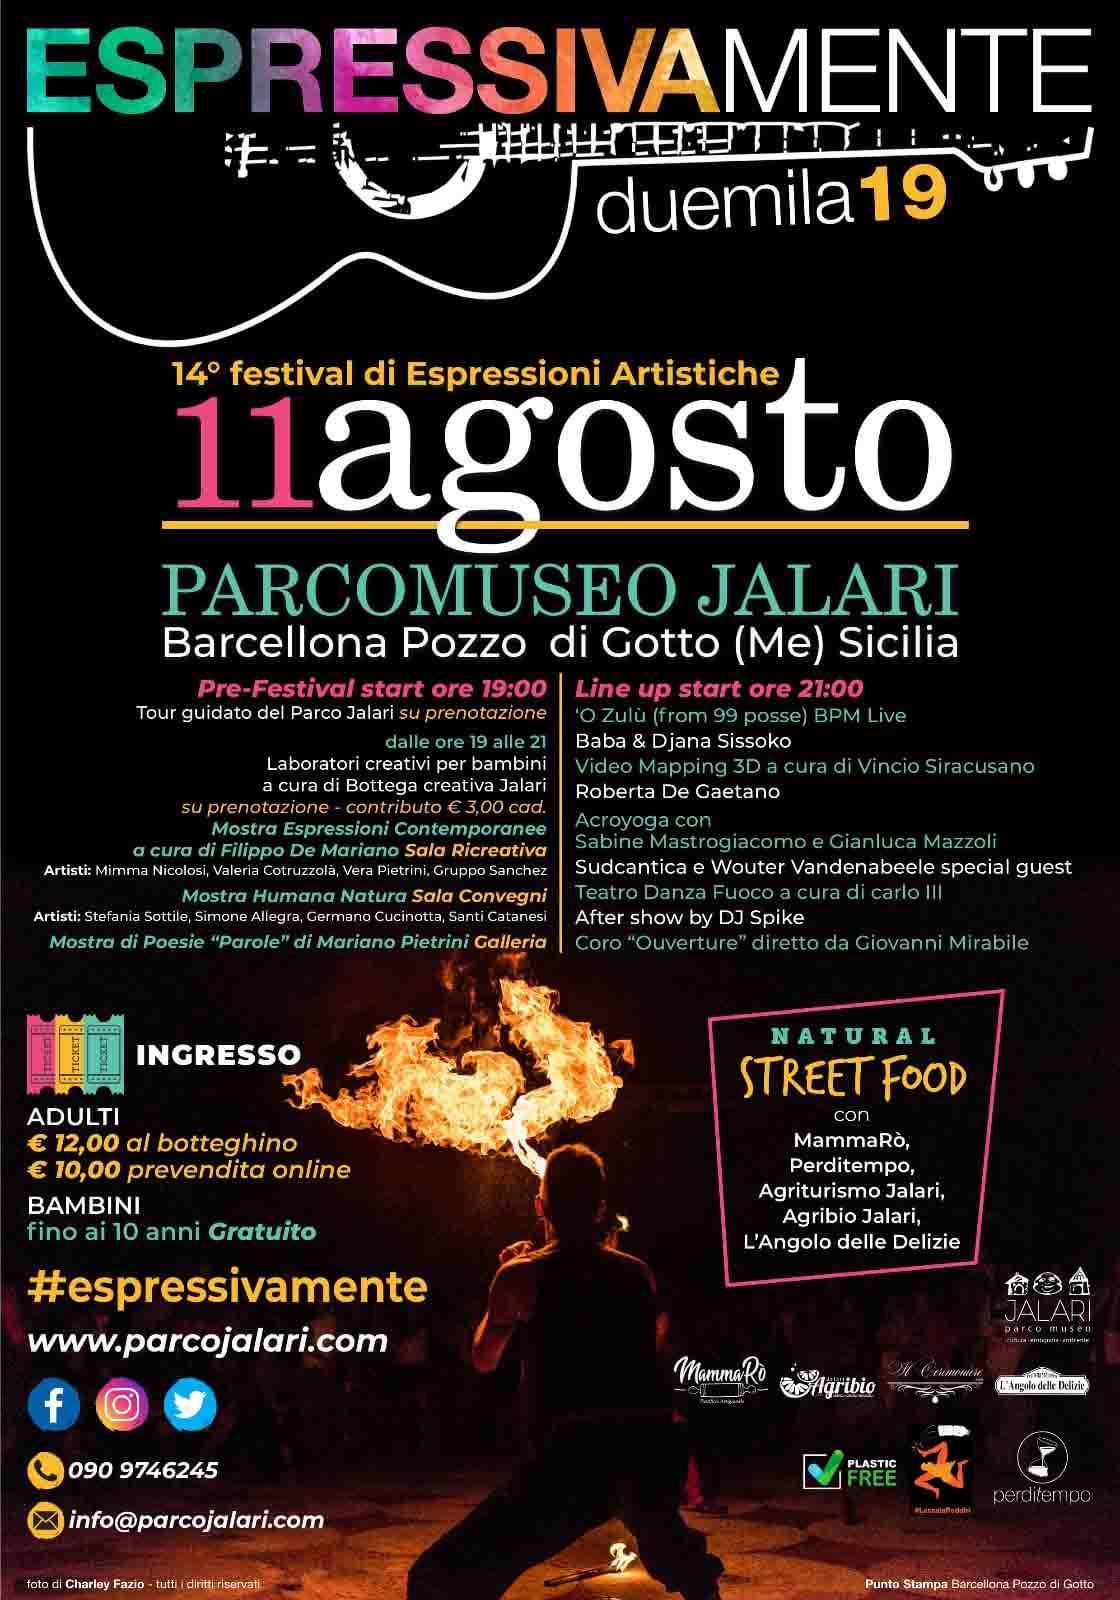 Barcellona PG. IlFestival EspressivaMente 2019 al Parco Museo Jalari